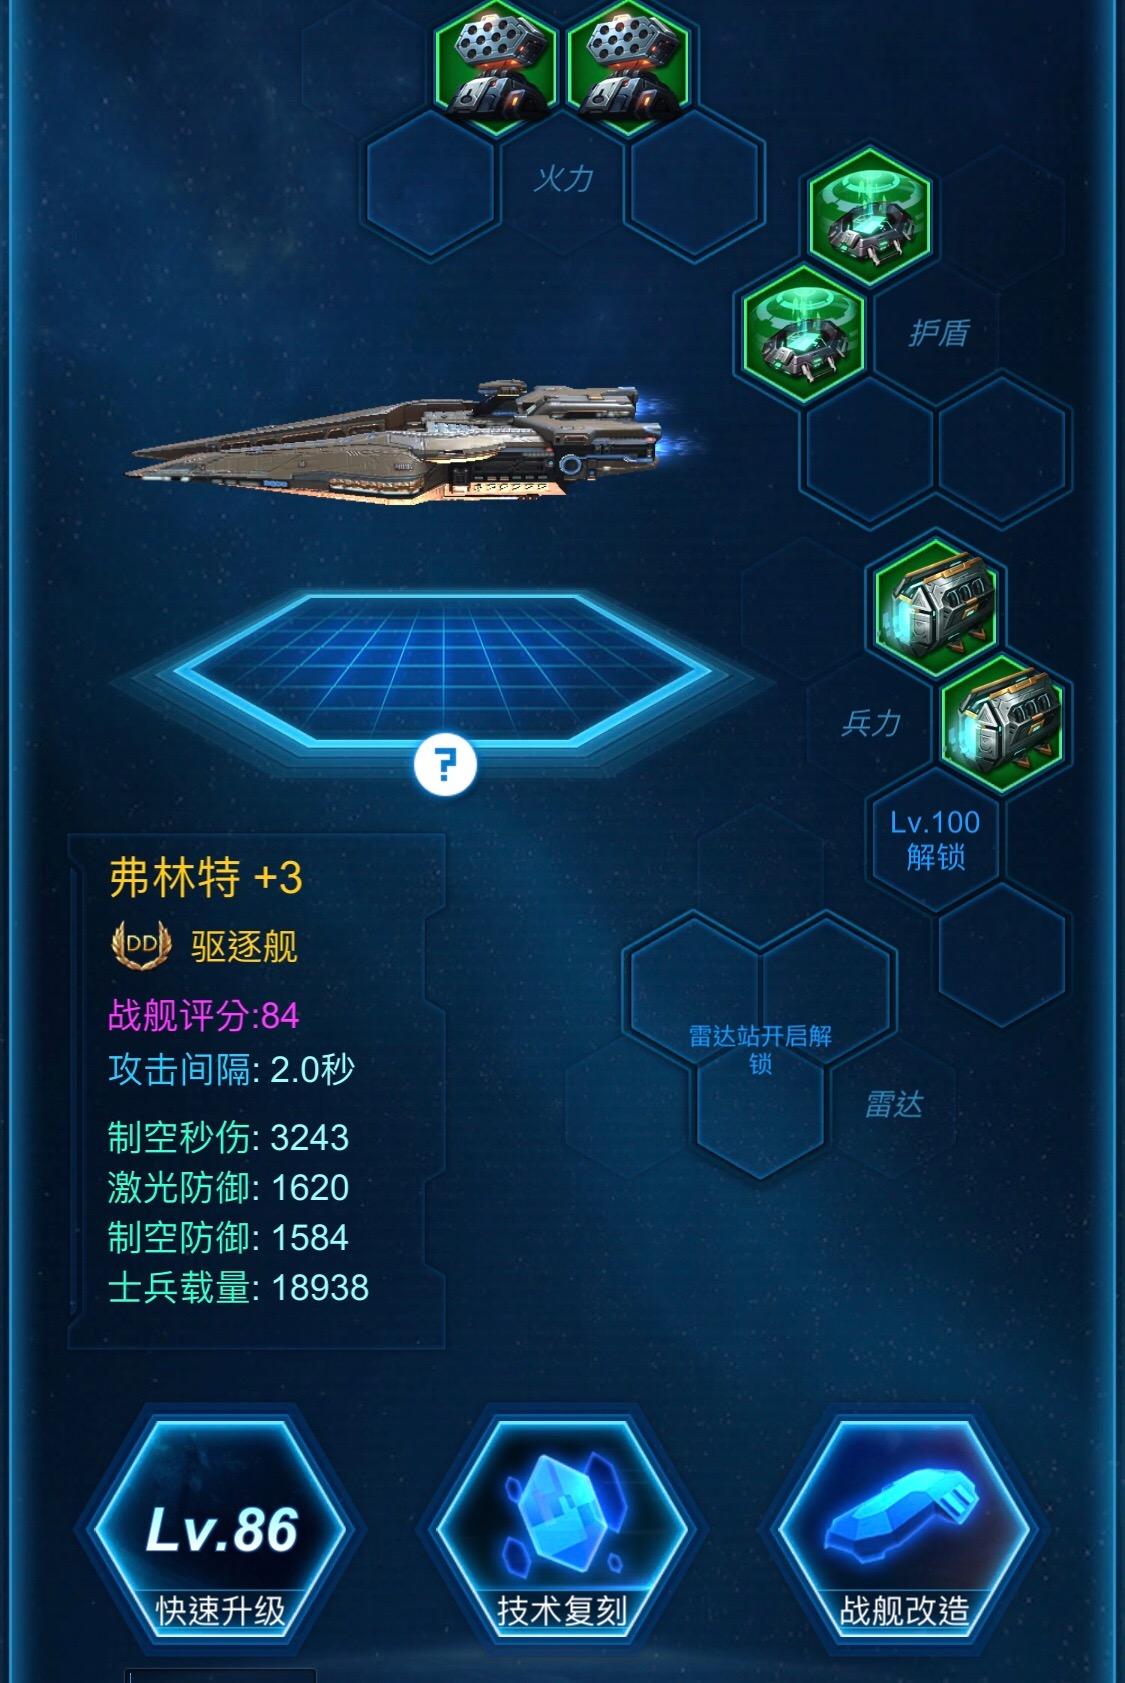 A4CE1222-0CAE-45CA-8B94-AD33B33D67C8.jpeg